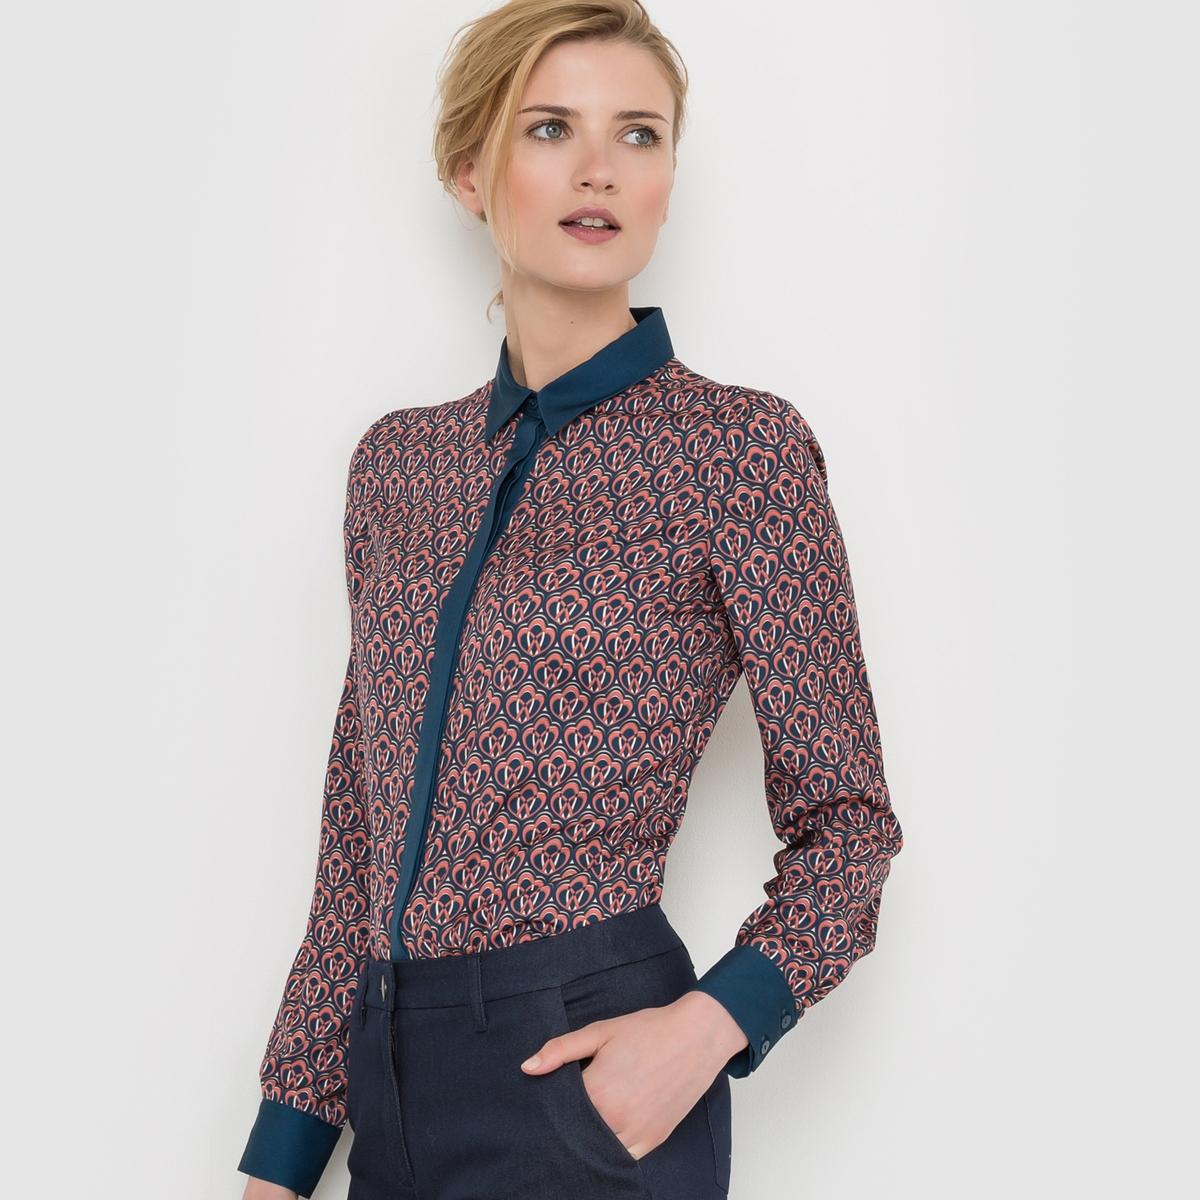 Рубашка с рисункомРубашка струящаяся, с бархатистым эффектом и рисунком . Однотонные контрастные манжеты, планка застежки и воротник . Длинные рукава с пуговицами внизу. Рубашечный воротник. Супатная застежка на пуговицы спереди . Состав и описаниеМарка : Atelier RМатериал : 100% полиэстерДлина : 68 смУходМашинная стирка при 30°C на деликатном режиме   с вещами схожих цветов Стирка и глажка с изнаночной стороныГладить на низкой температуре с изнанки<br><br>Цвет: набивной рисунок<br>Размер: 48 (FR) - 54 (RUS)